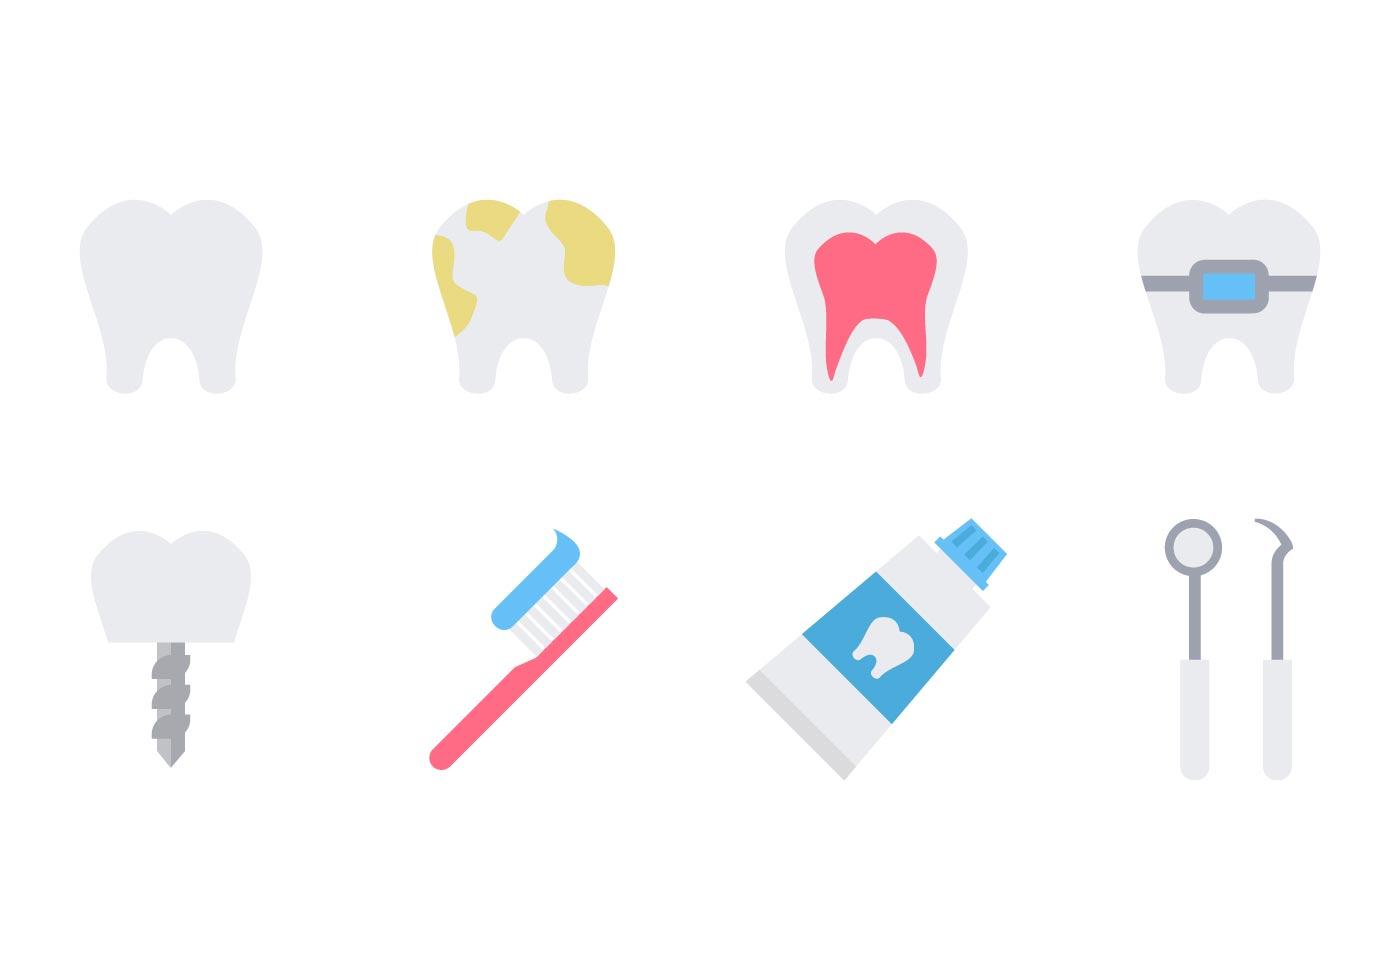 древесина картинки для инстаграма стоматология нужно знать, приступая